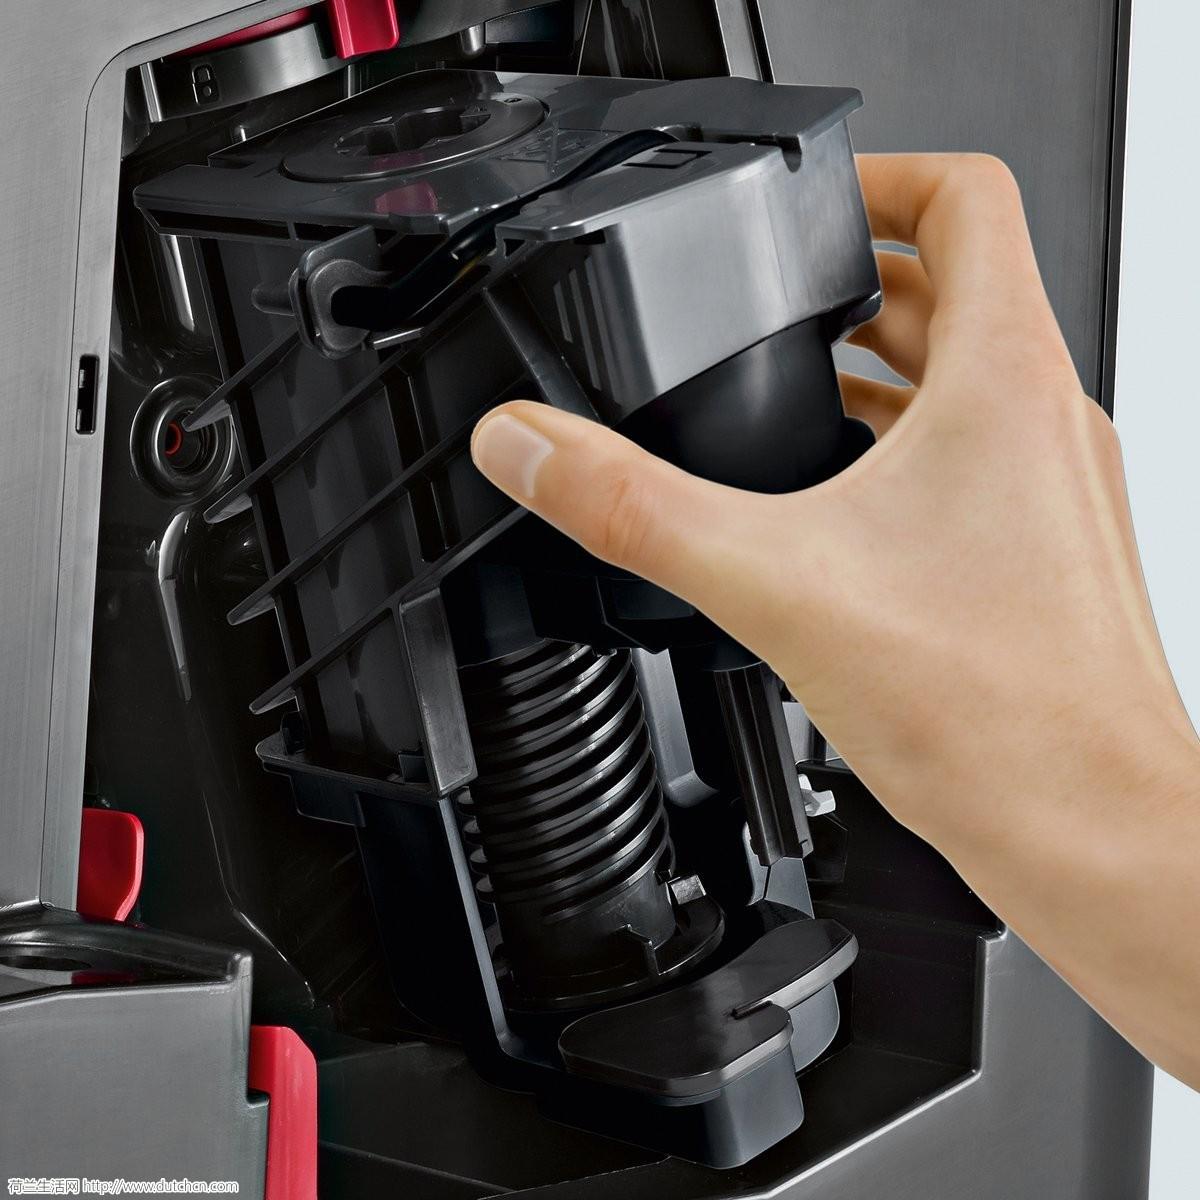 你的专属咖啡师,西门子高端全自动咖啡机促销,优惠600欧元